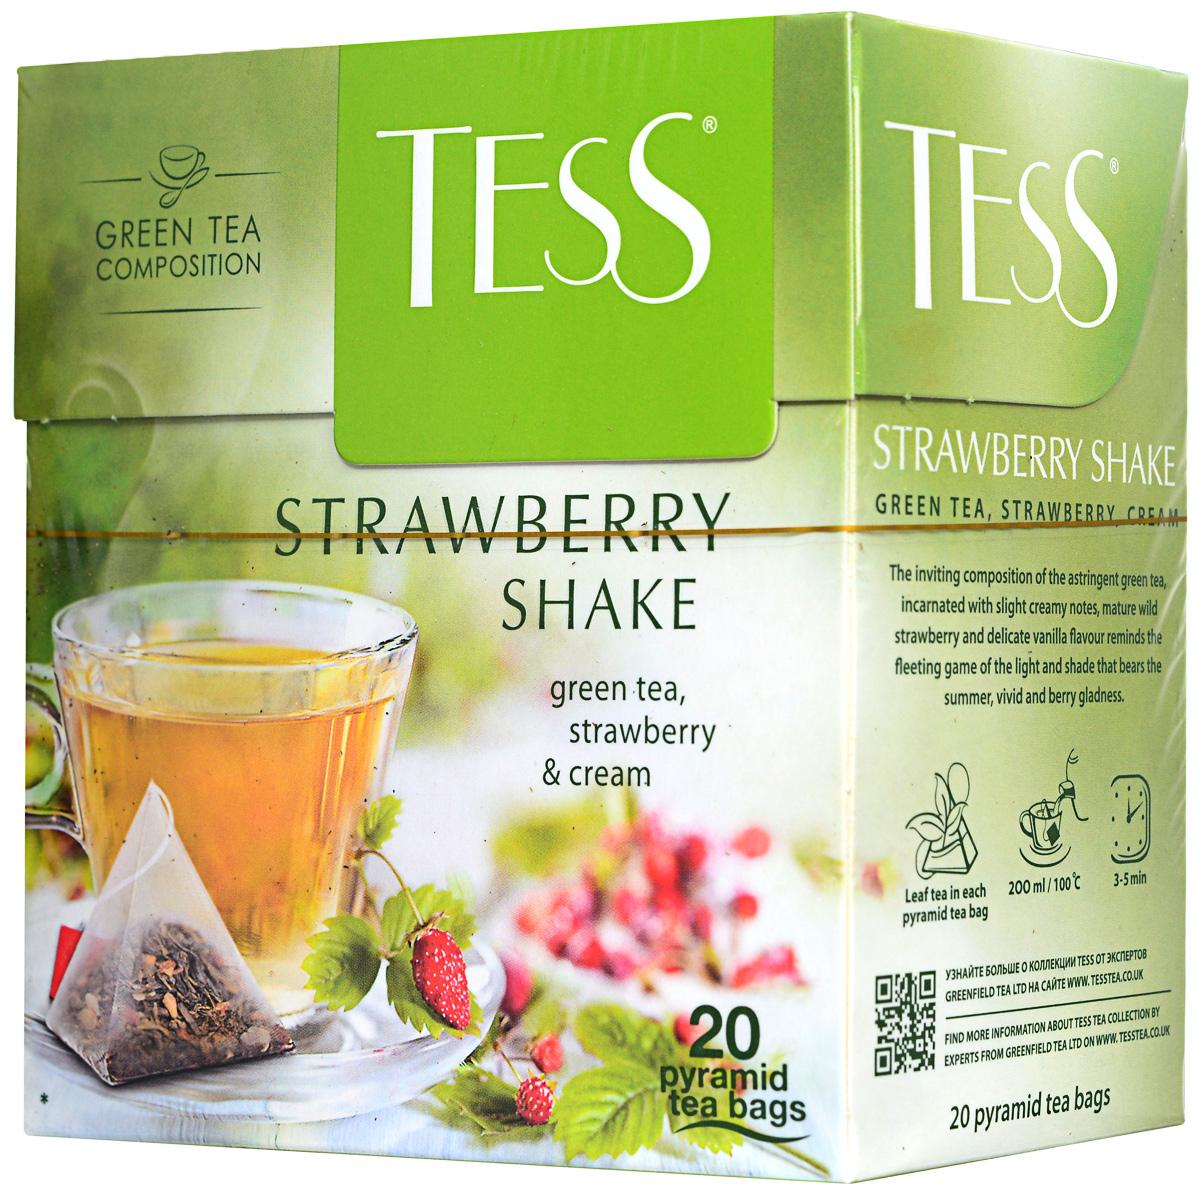 Tess Strawberry Shake зеленый чай в пирамидках, 20 шт0884-12Заманчивое сочетание спелой земляники и терпкого зеленого чая в пакетиках Tess Strawberry Shake, в котором слышны тонкие сливочные ноты - как мимолетная игра света и тени, из которой рождается летняя, праздничная, яркая земляничная радость.